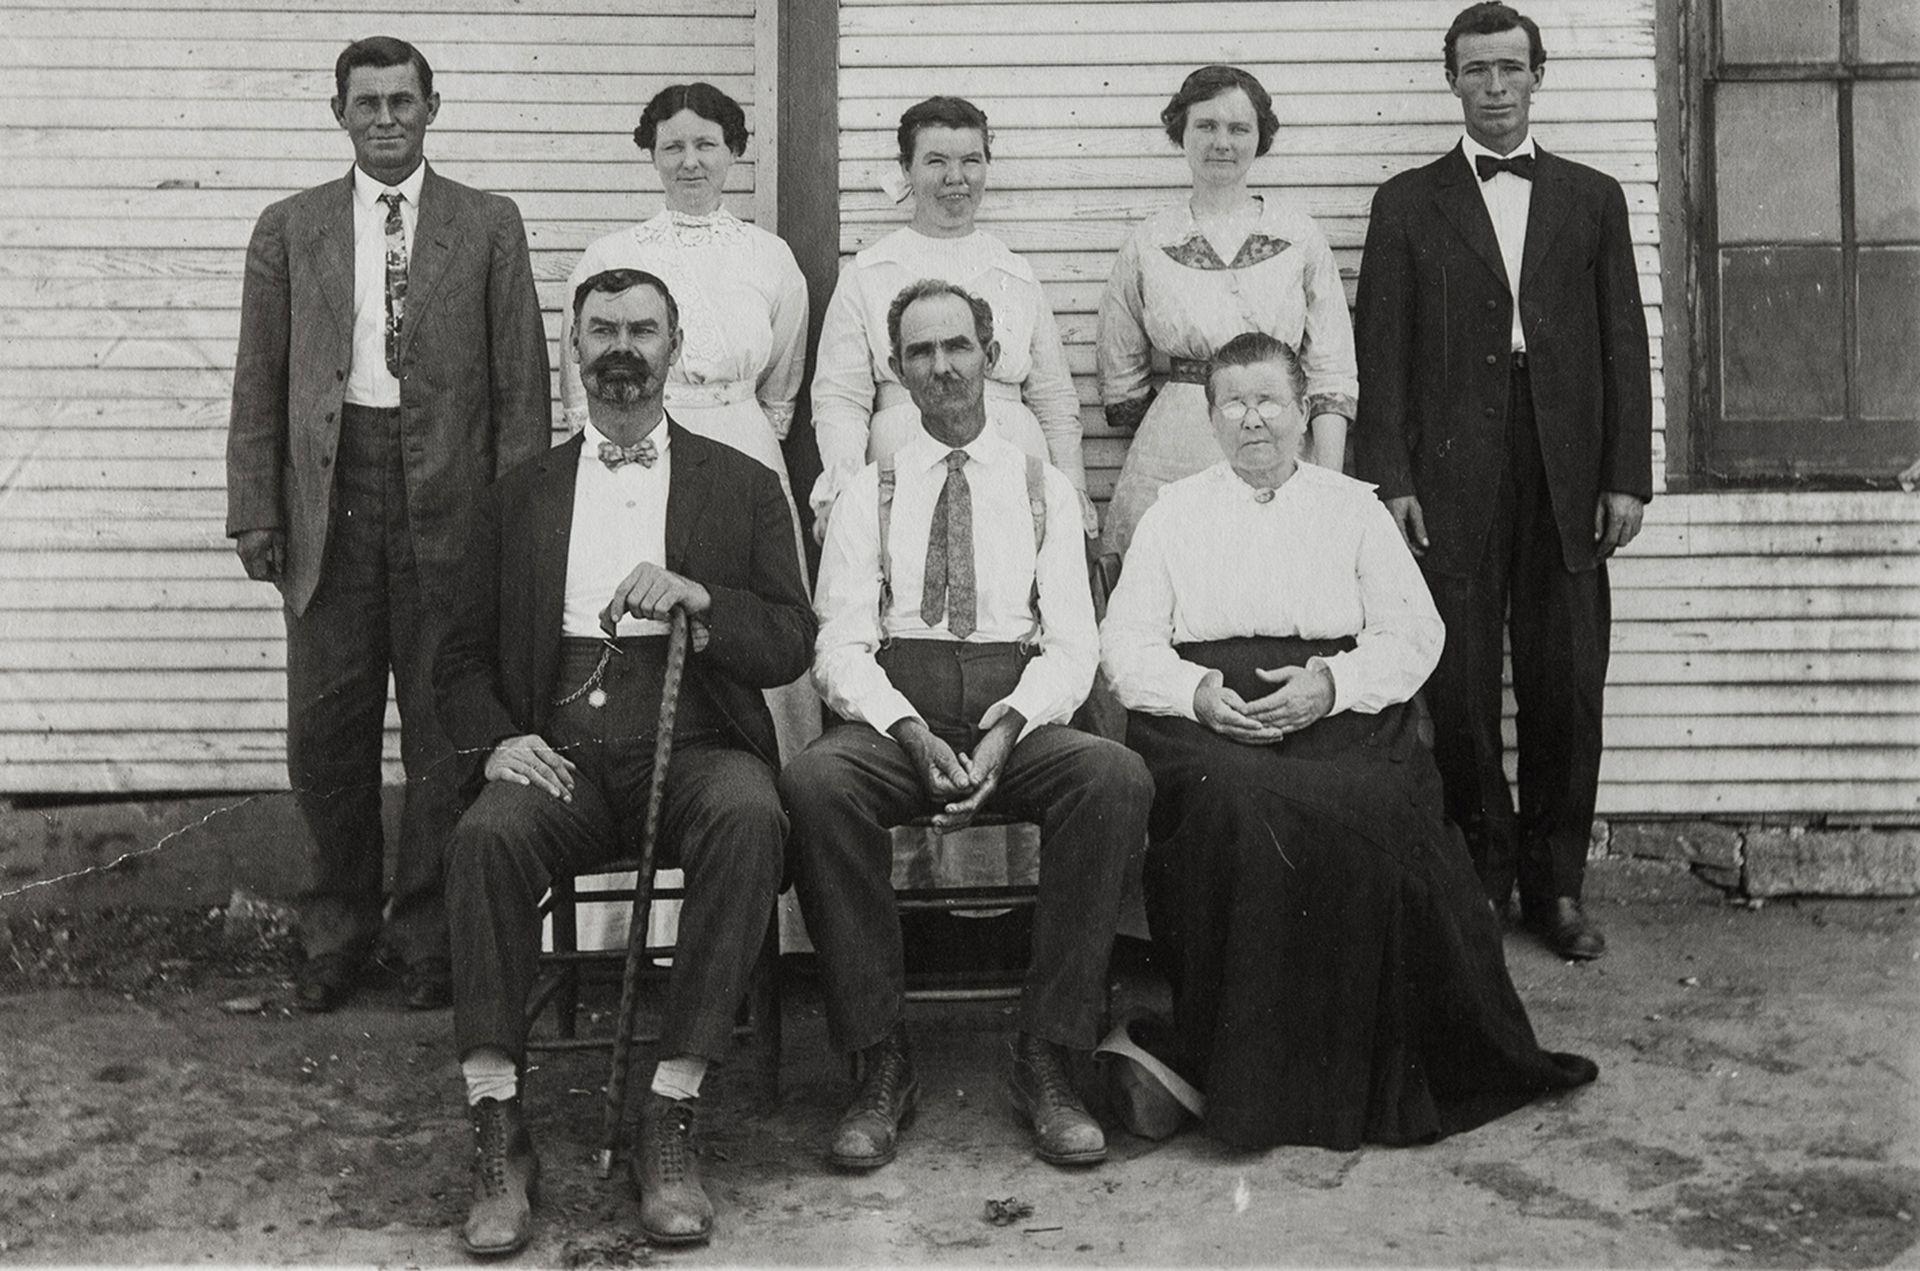 Jarred Jones (el primero sentado, con bastón) volvió a visitar a sus hermanos a Texas y Oklahoma en el verano de 1913, cuando tenía 50 años.